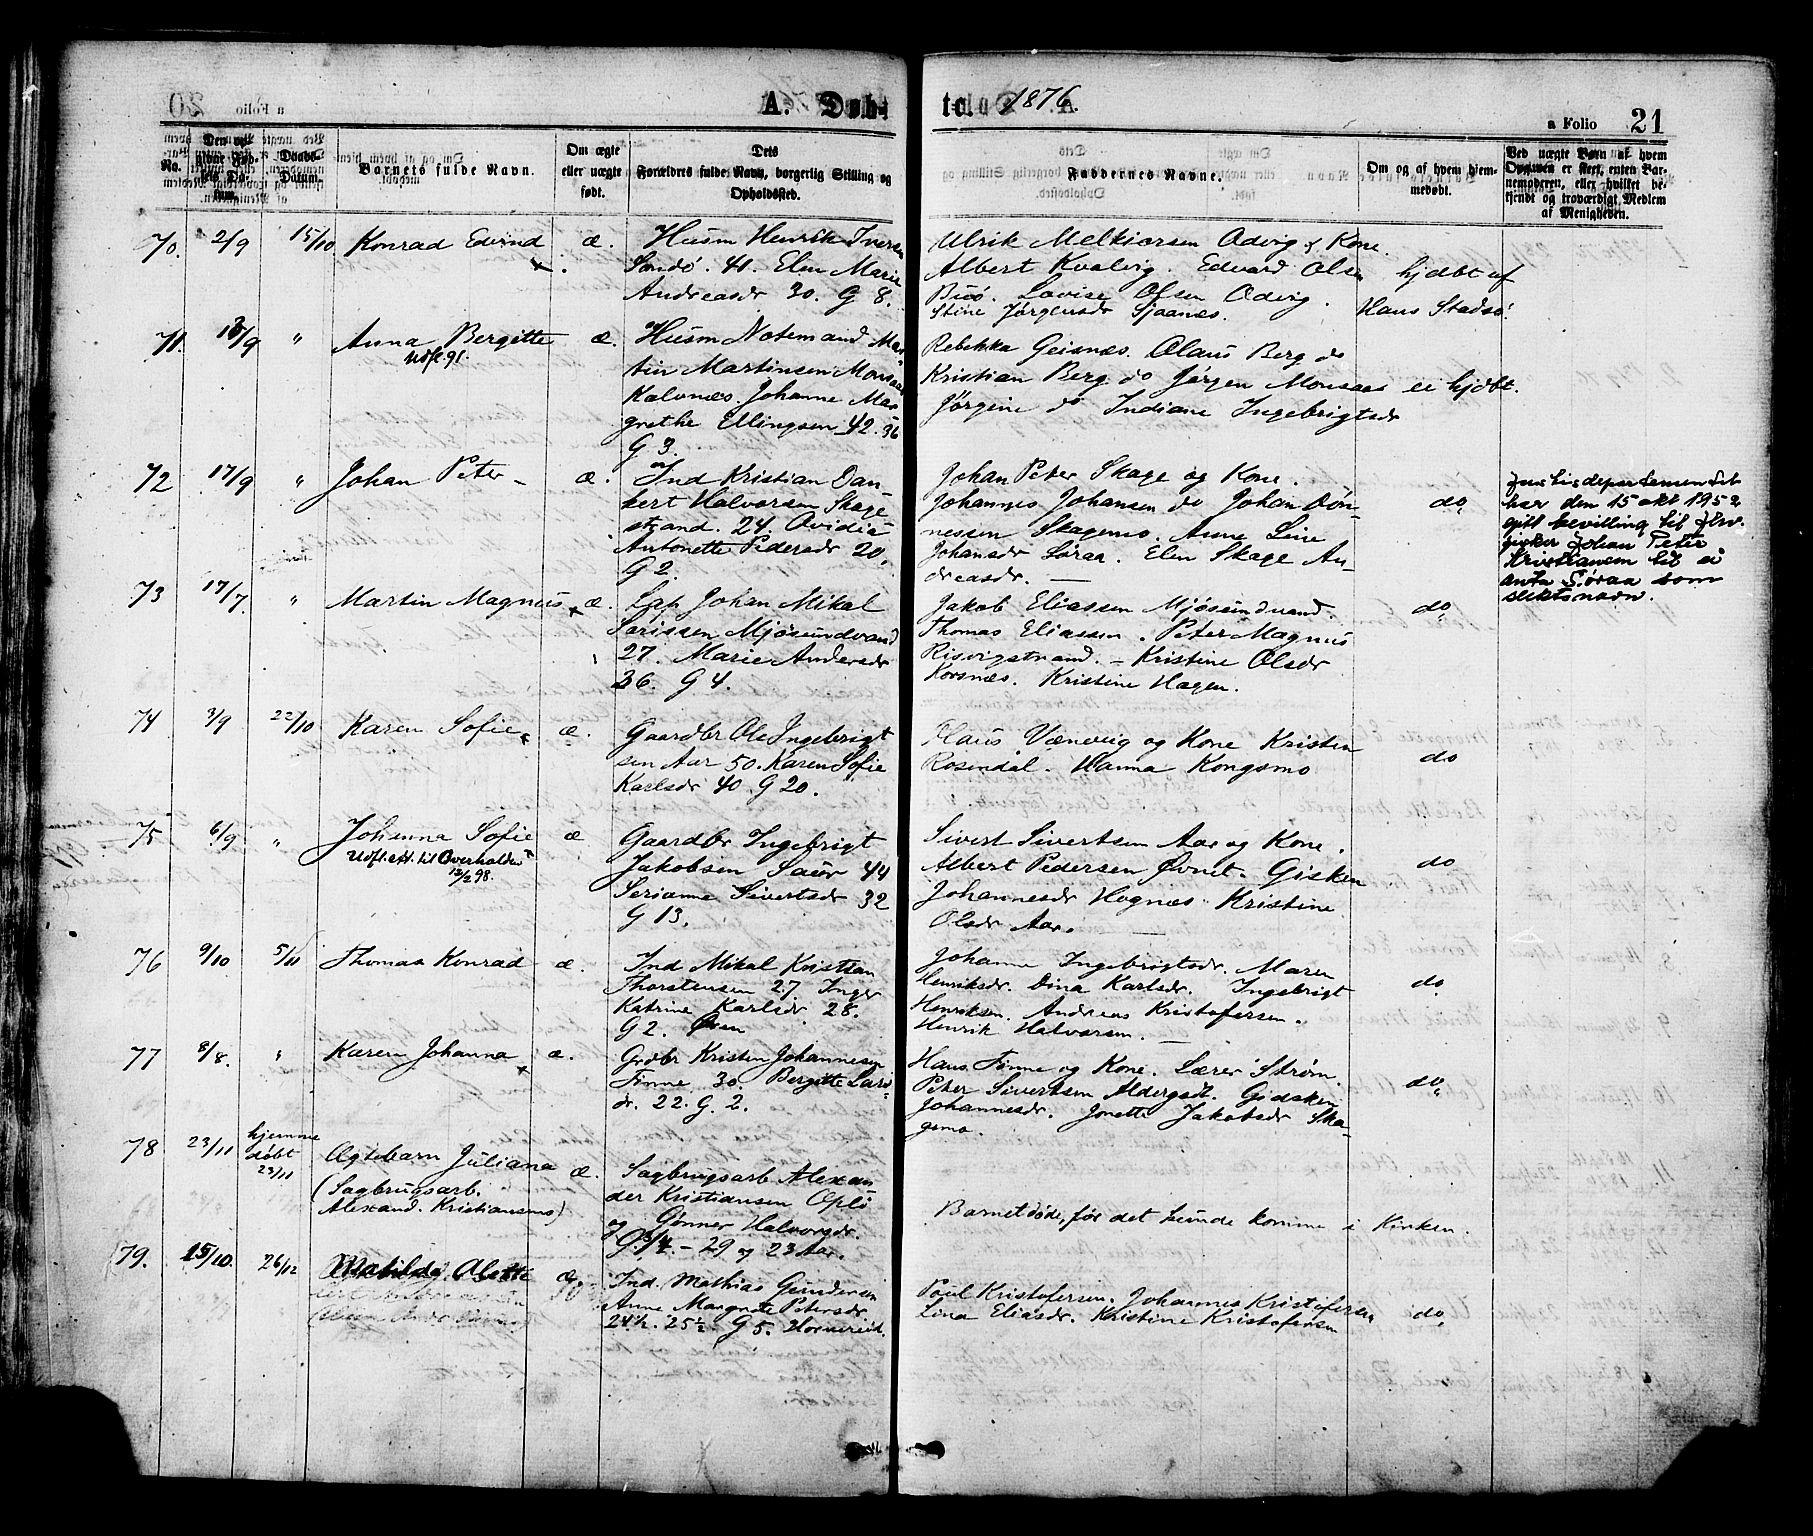 SAT, Ministerialprotokoller, klokkerbøker og fødselsregistre - Nord-Trøndelag, 780/L0642: Ministerialbok nr. 780A07 /1, 1874-1885, s. 21